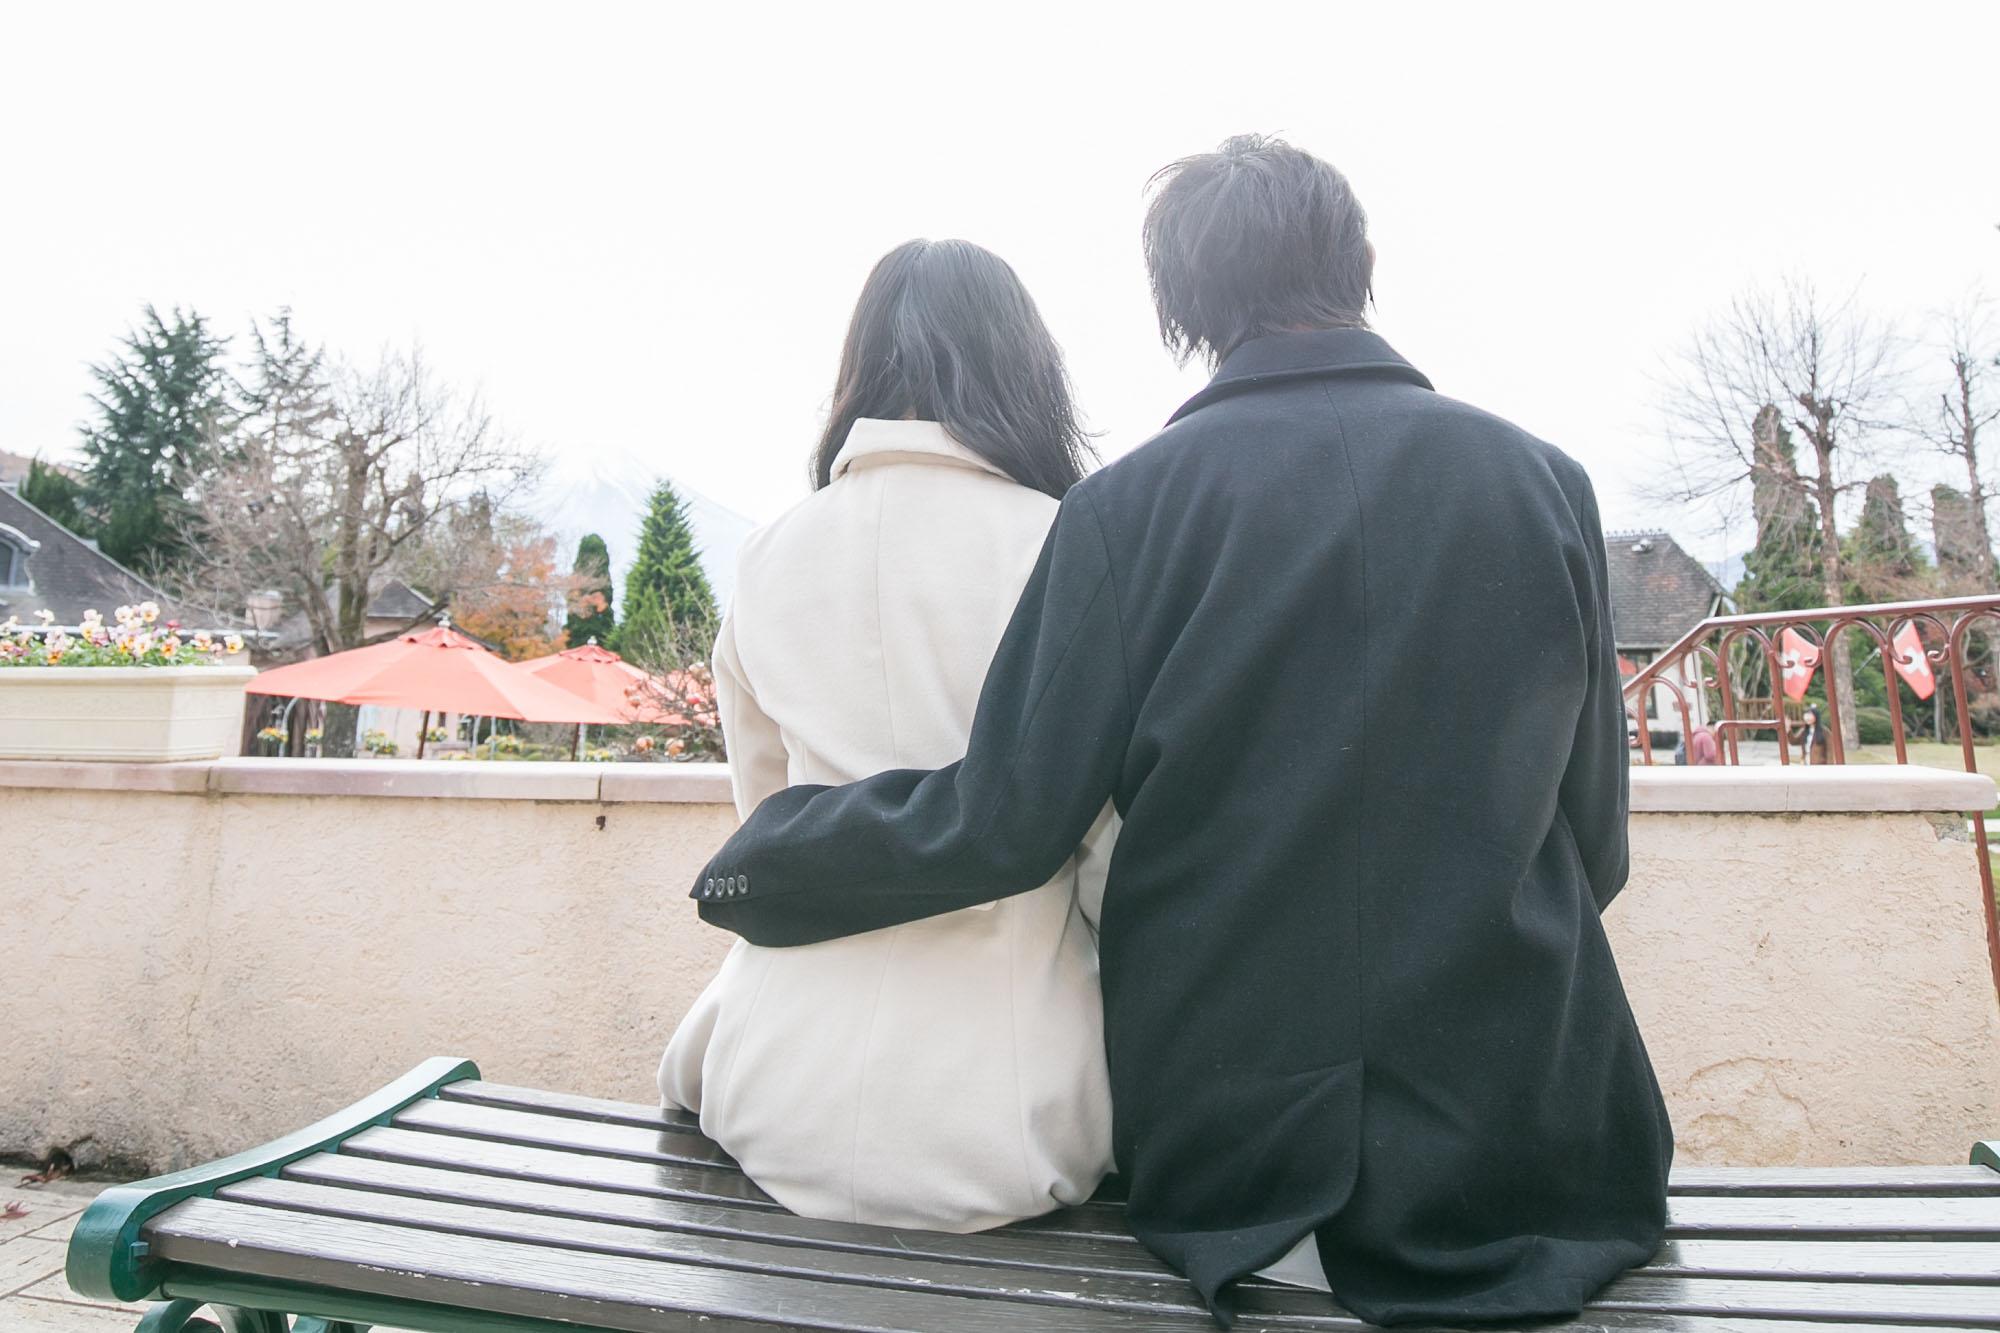 ベンチで寄り添うカップル